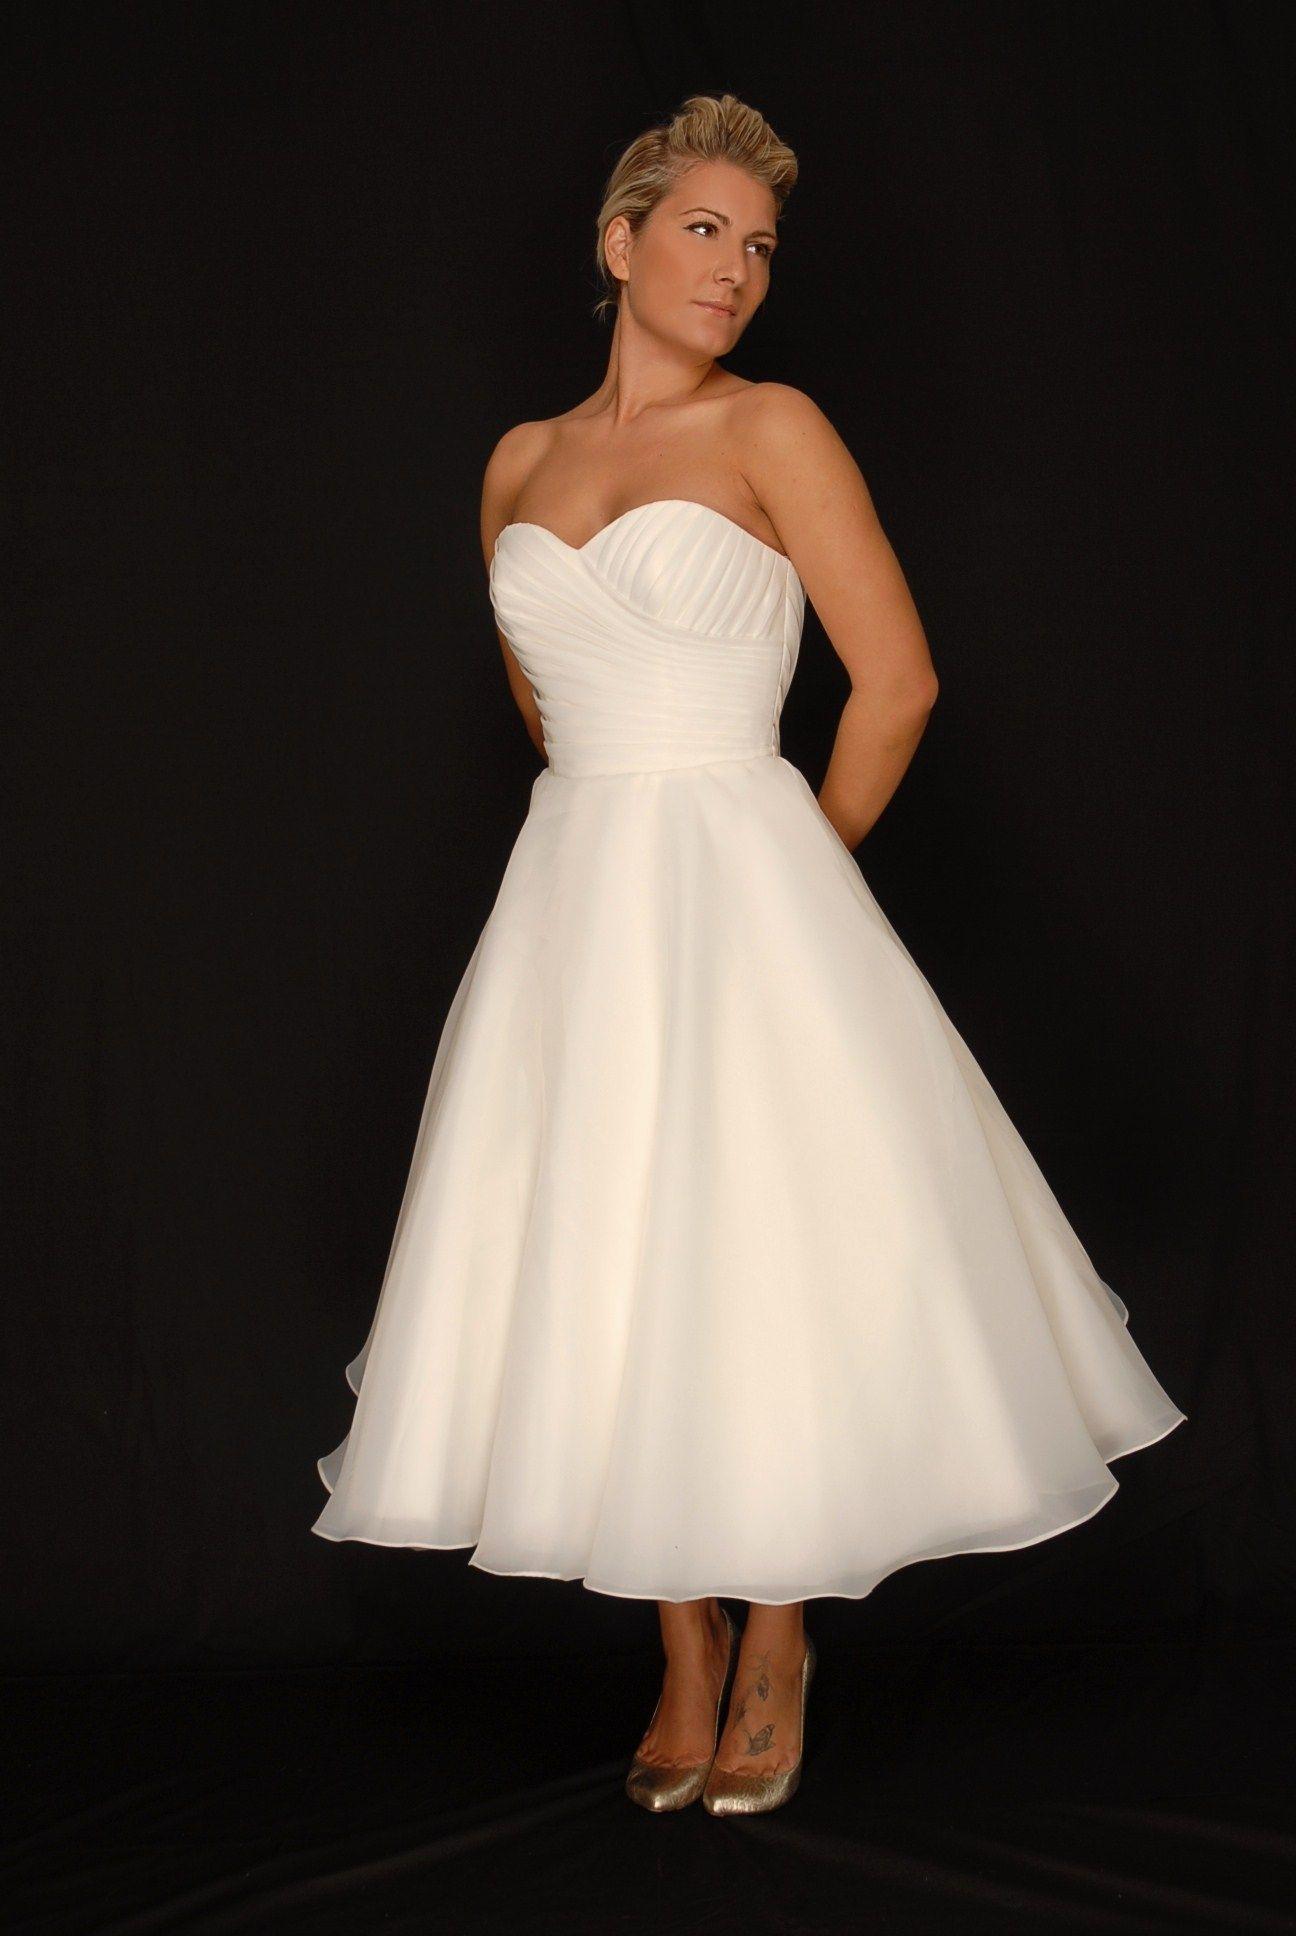 dress, little longer. any simple, white, strapless dress